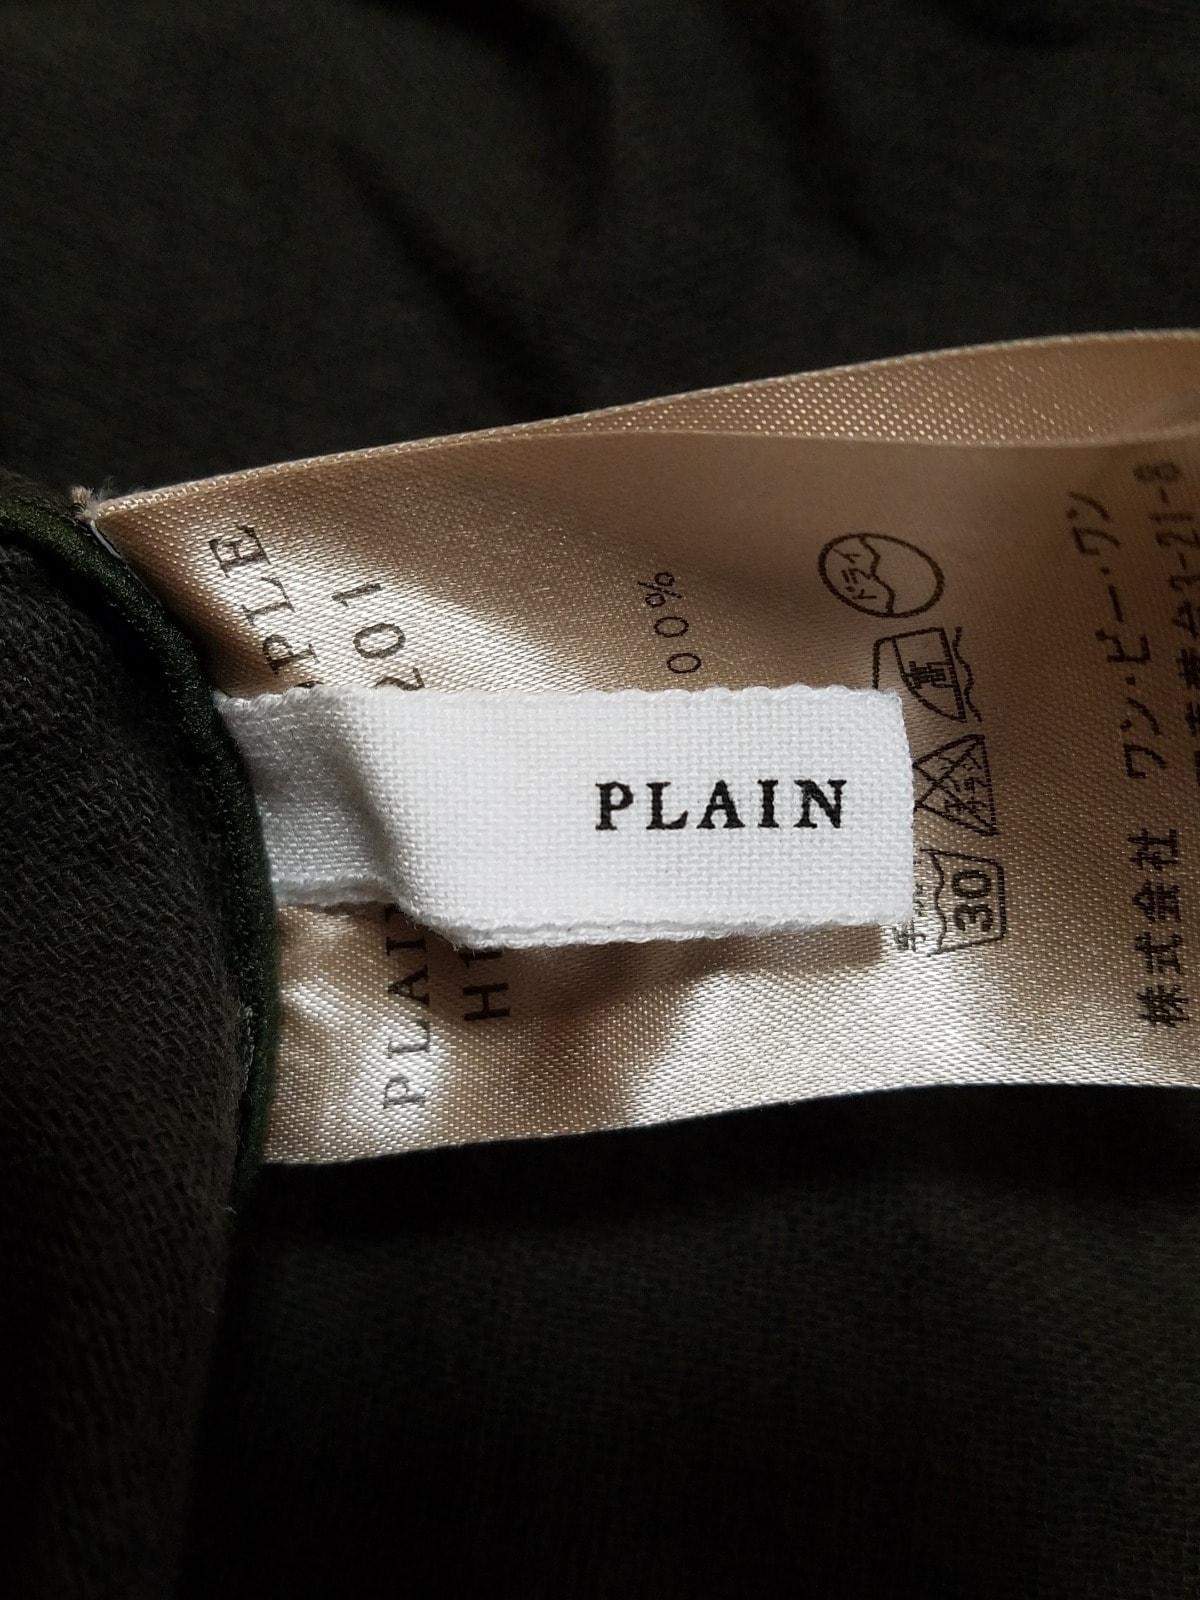 PLAIN PEOPLE(プレインピープル)のレディースパンツスーツ